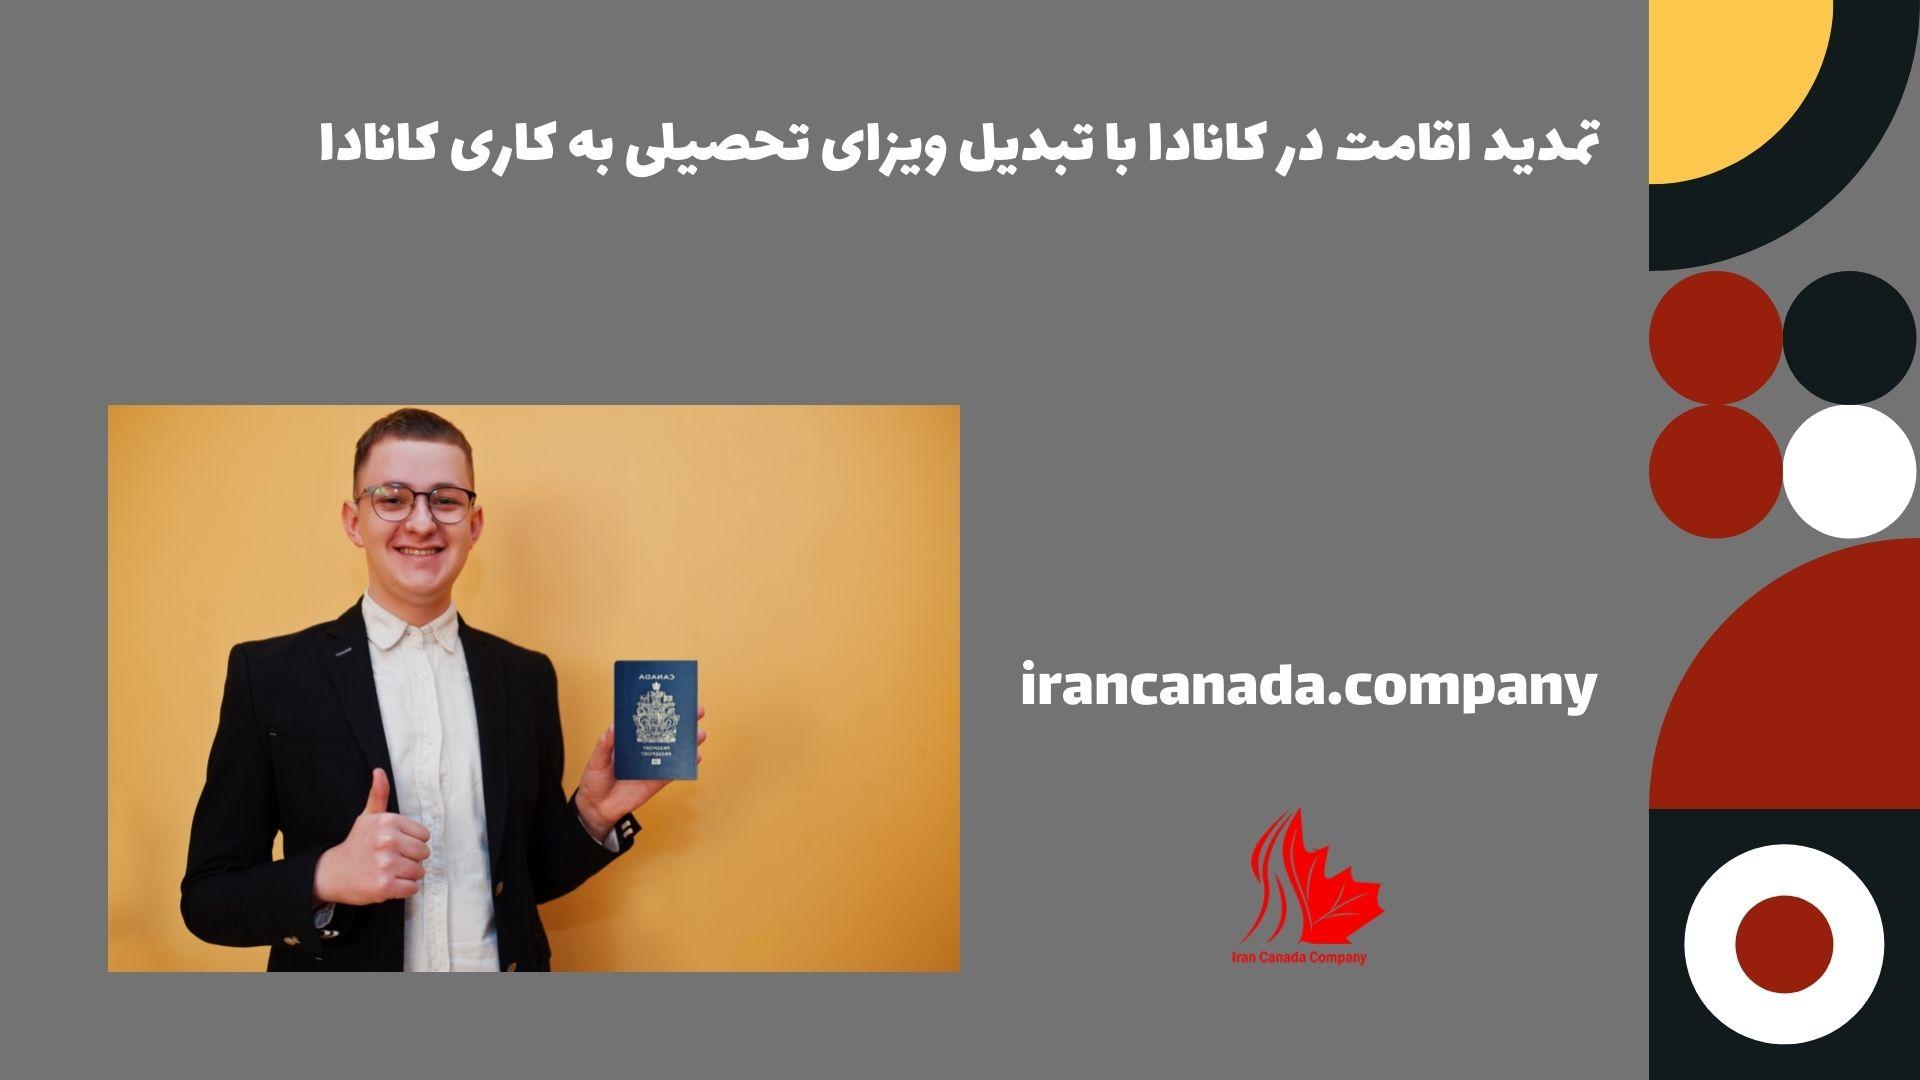 تمدید اقامت در کانادا با تبدیل ویزای تحصیلی به کاری کانادا